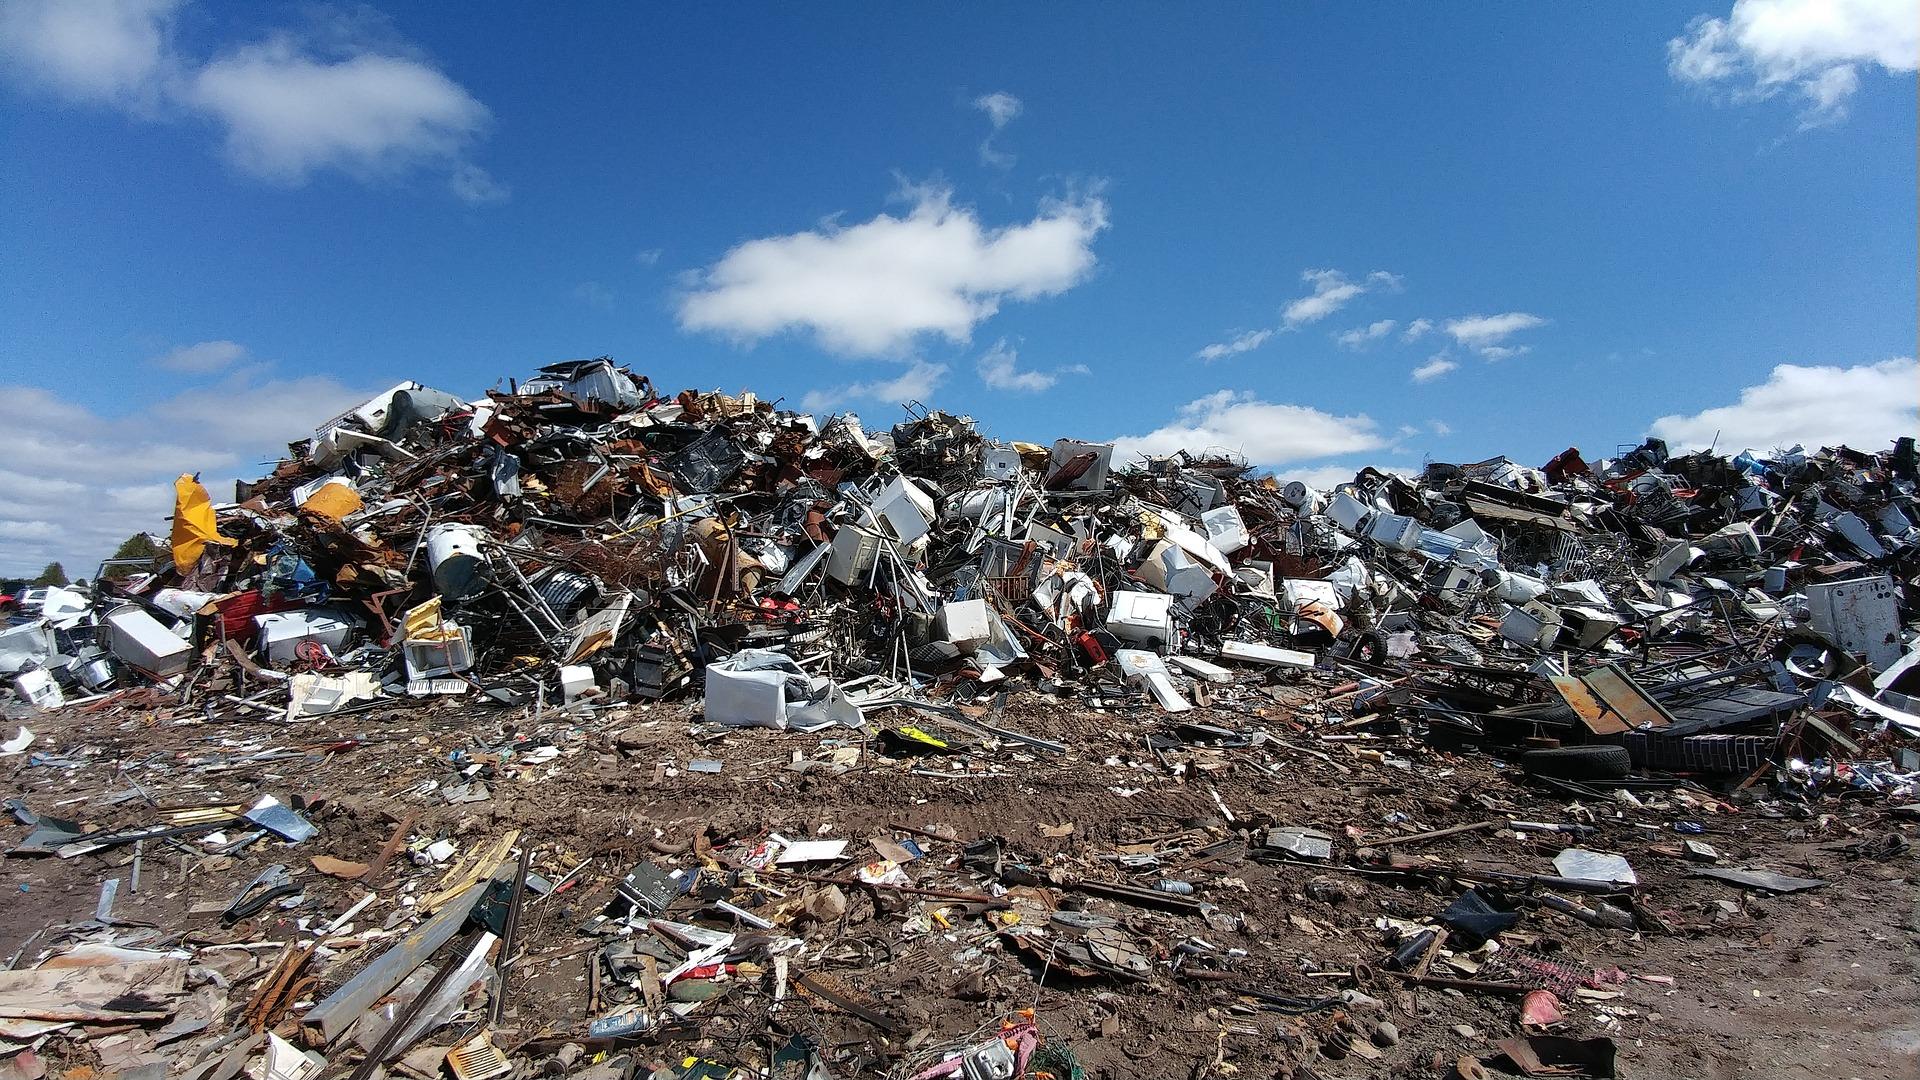 Allt du behöver veta om deponi avfall | Biz trends